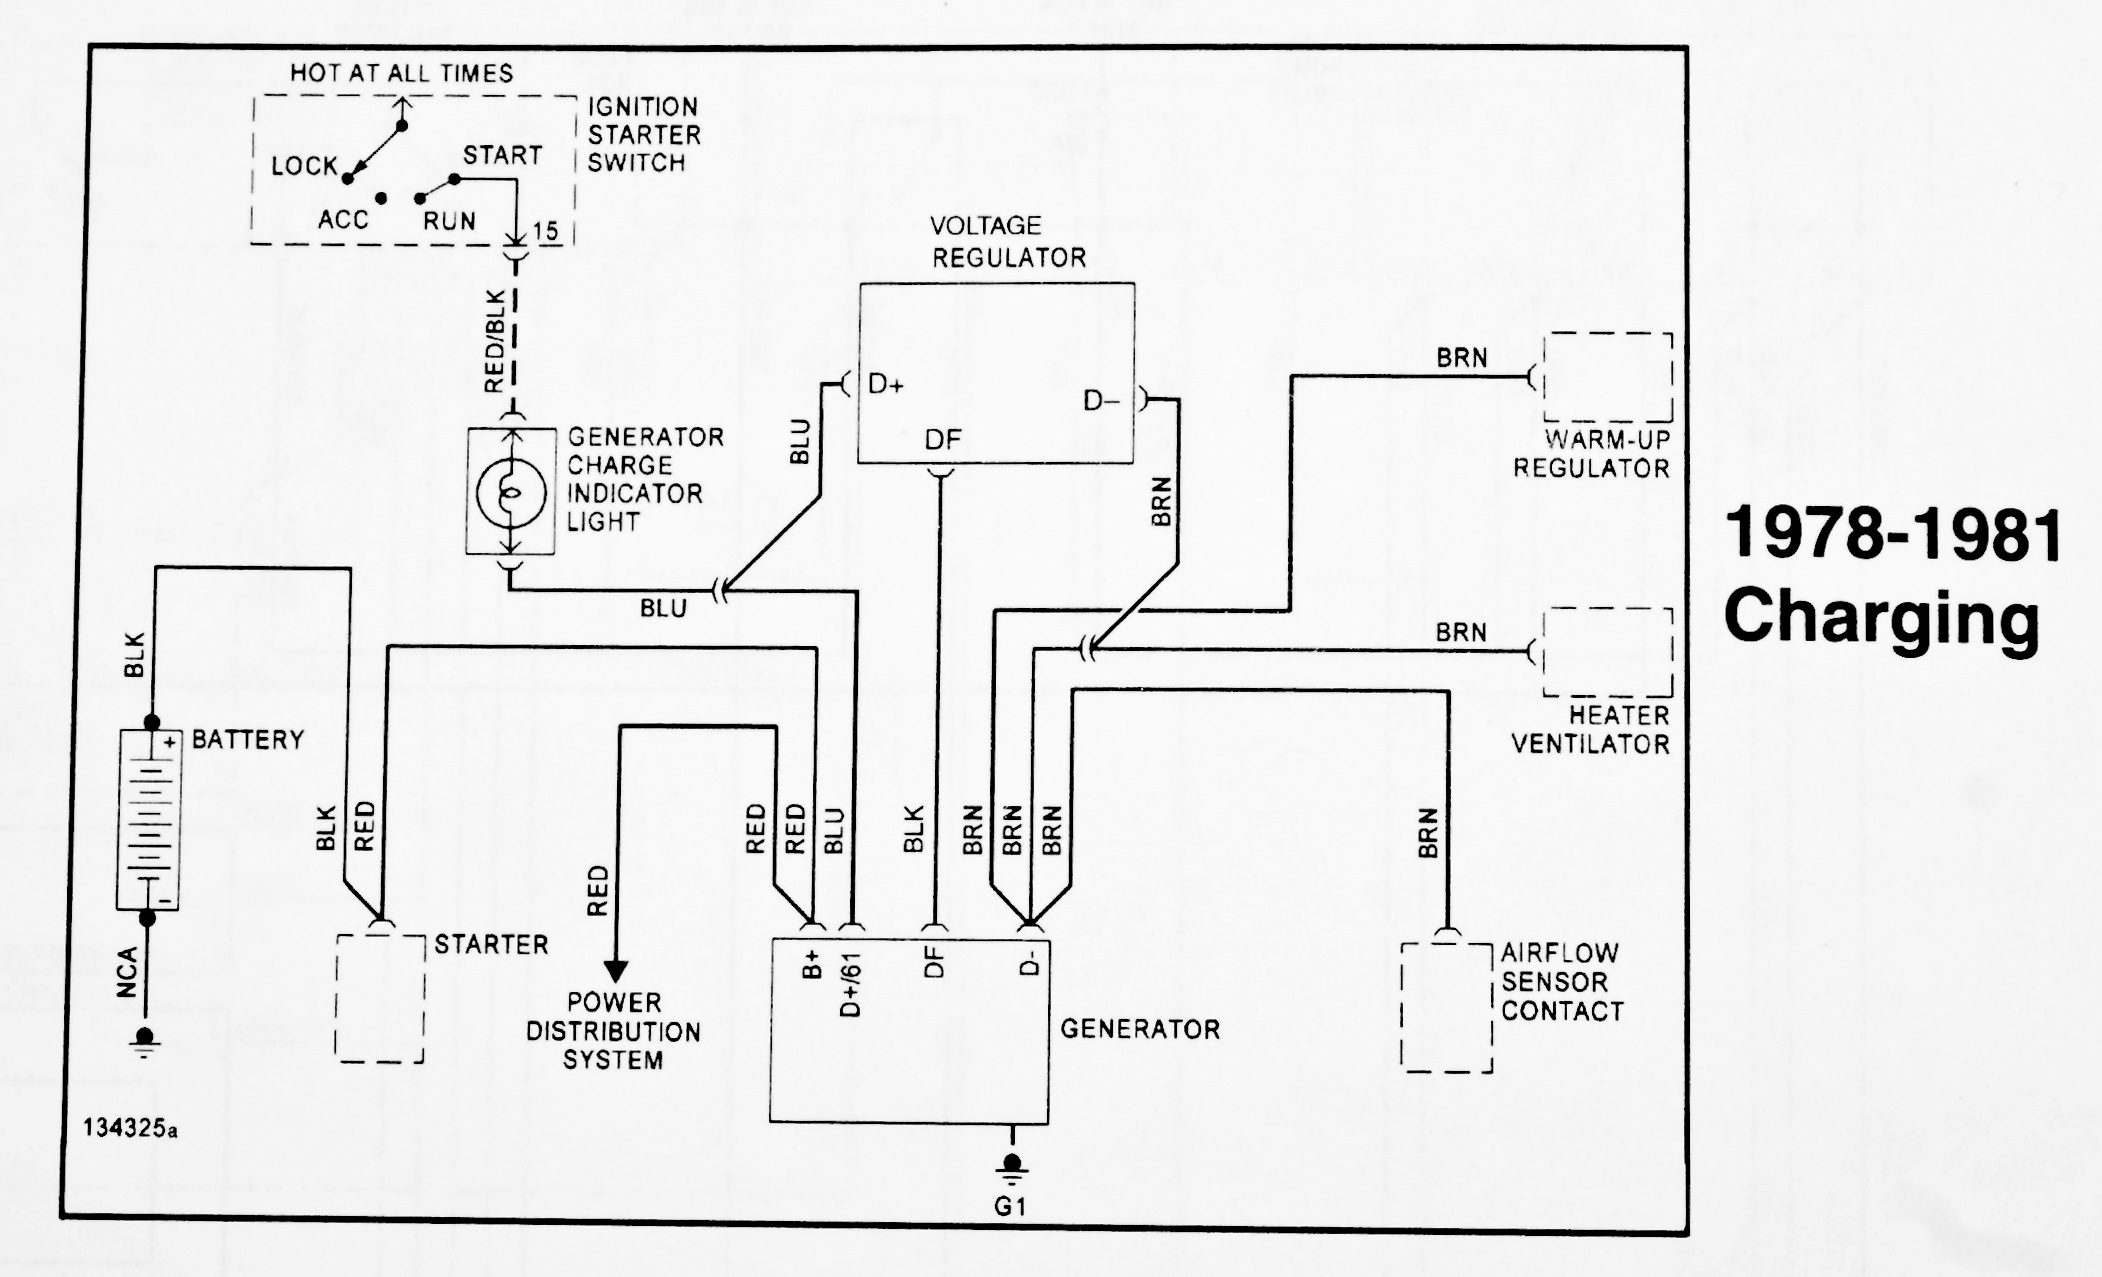 porsche generator wiring wiring diagram expertporsche generator wiring wiring diagram for you porsche generator wiring [ 2102 x 1277 Pixel ]